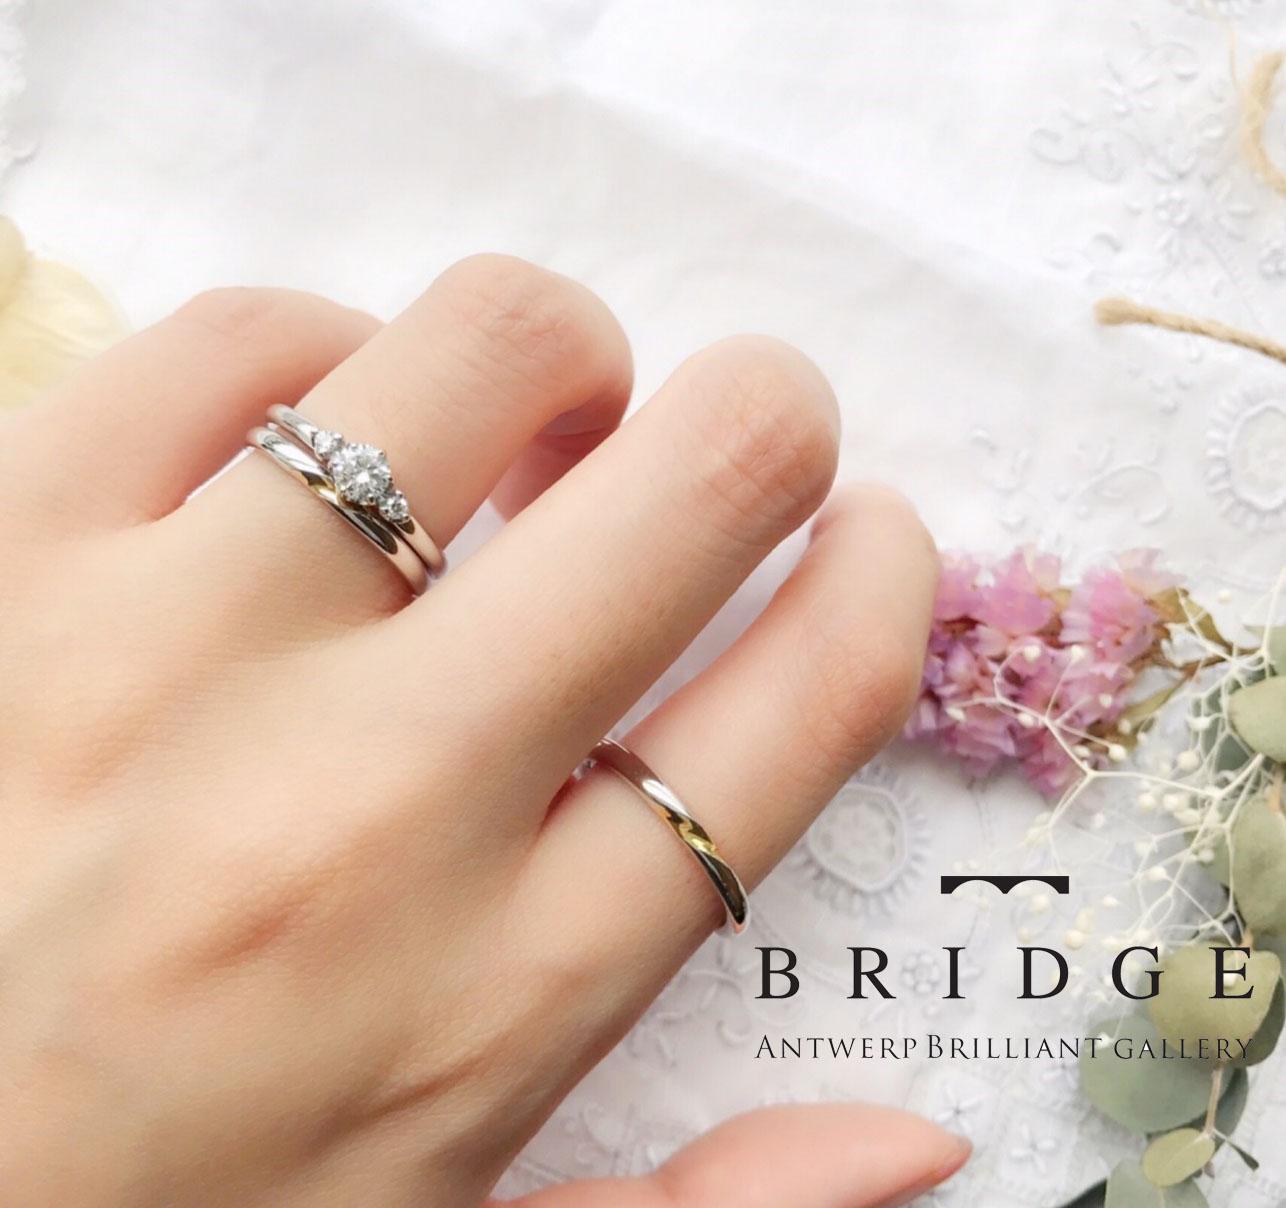 シンプルで大人可愛いデザインの結婚指輪・婚約指輪です。メレダイヤモンドの美しい上品さを感じるリングです。